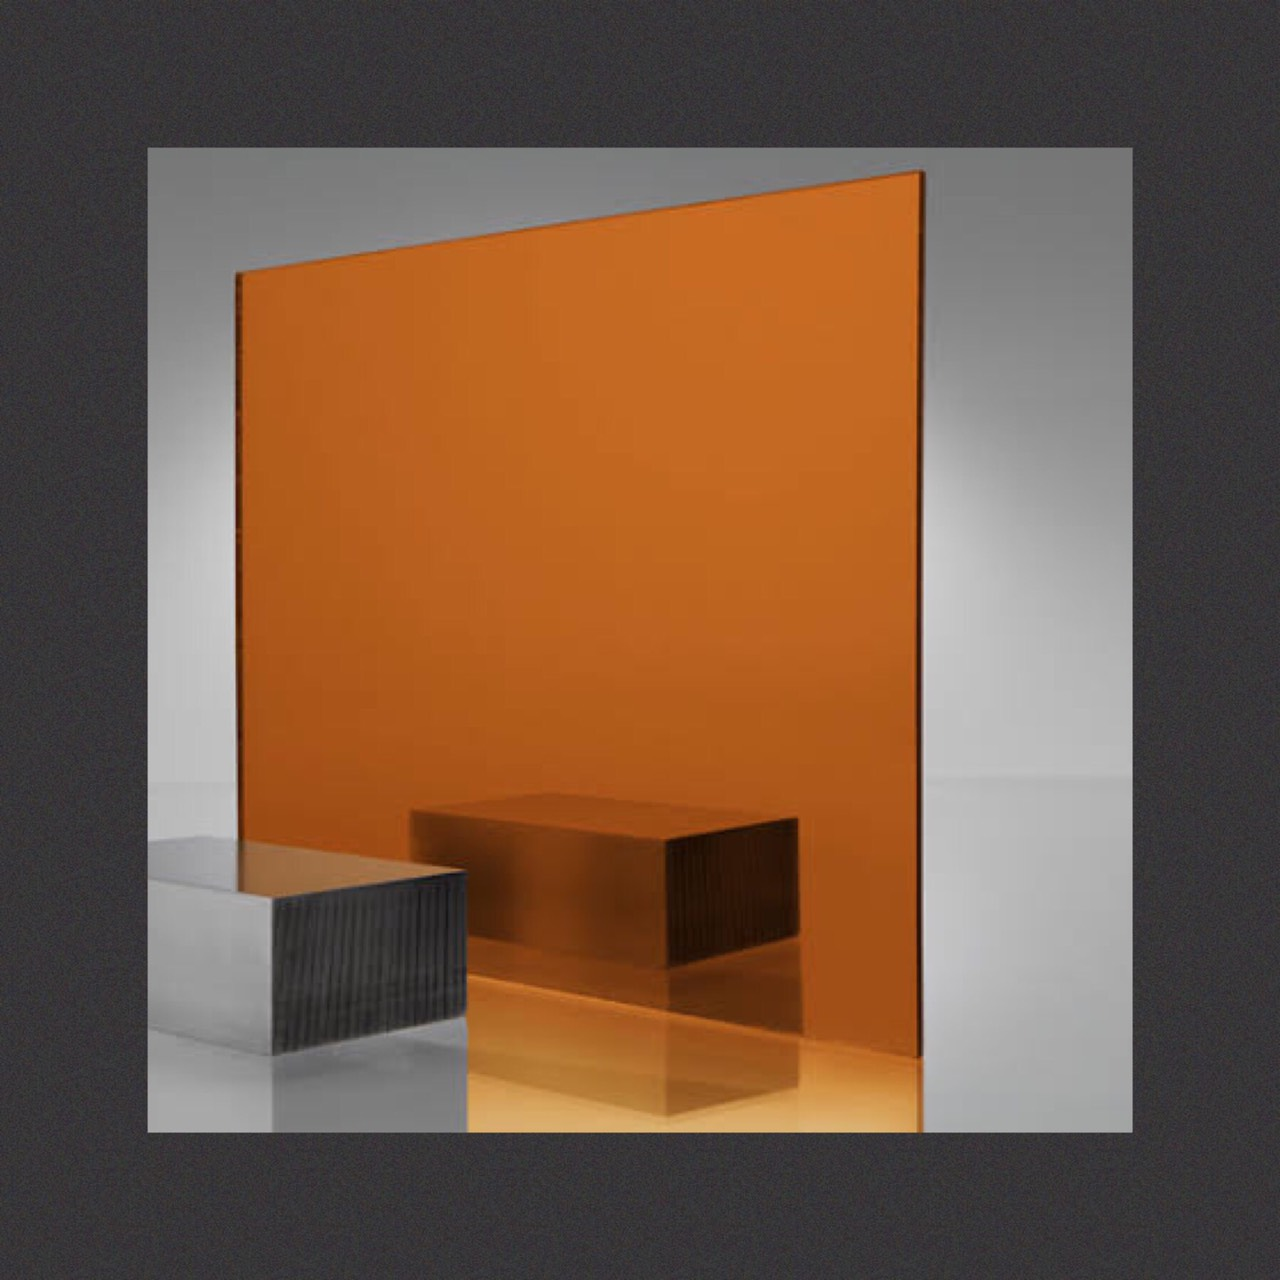 กระจกเงาสีส้มทองแดง